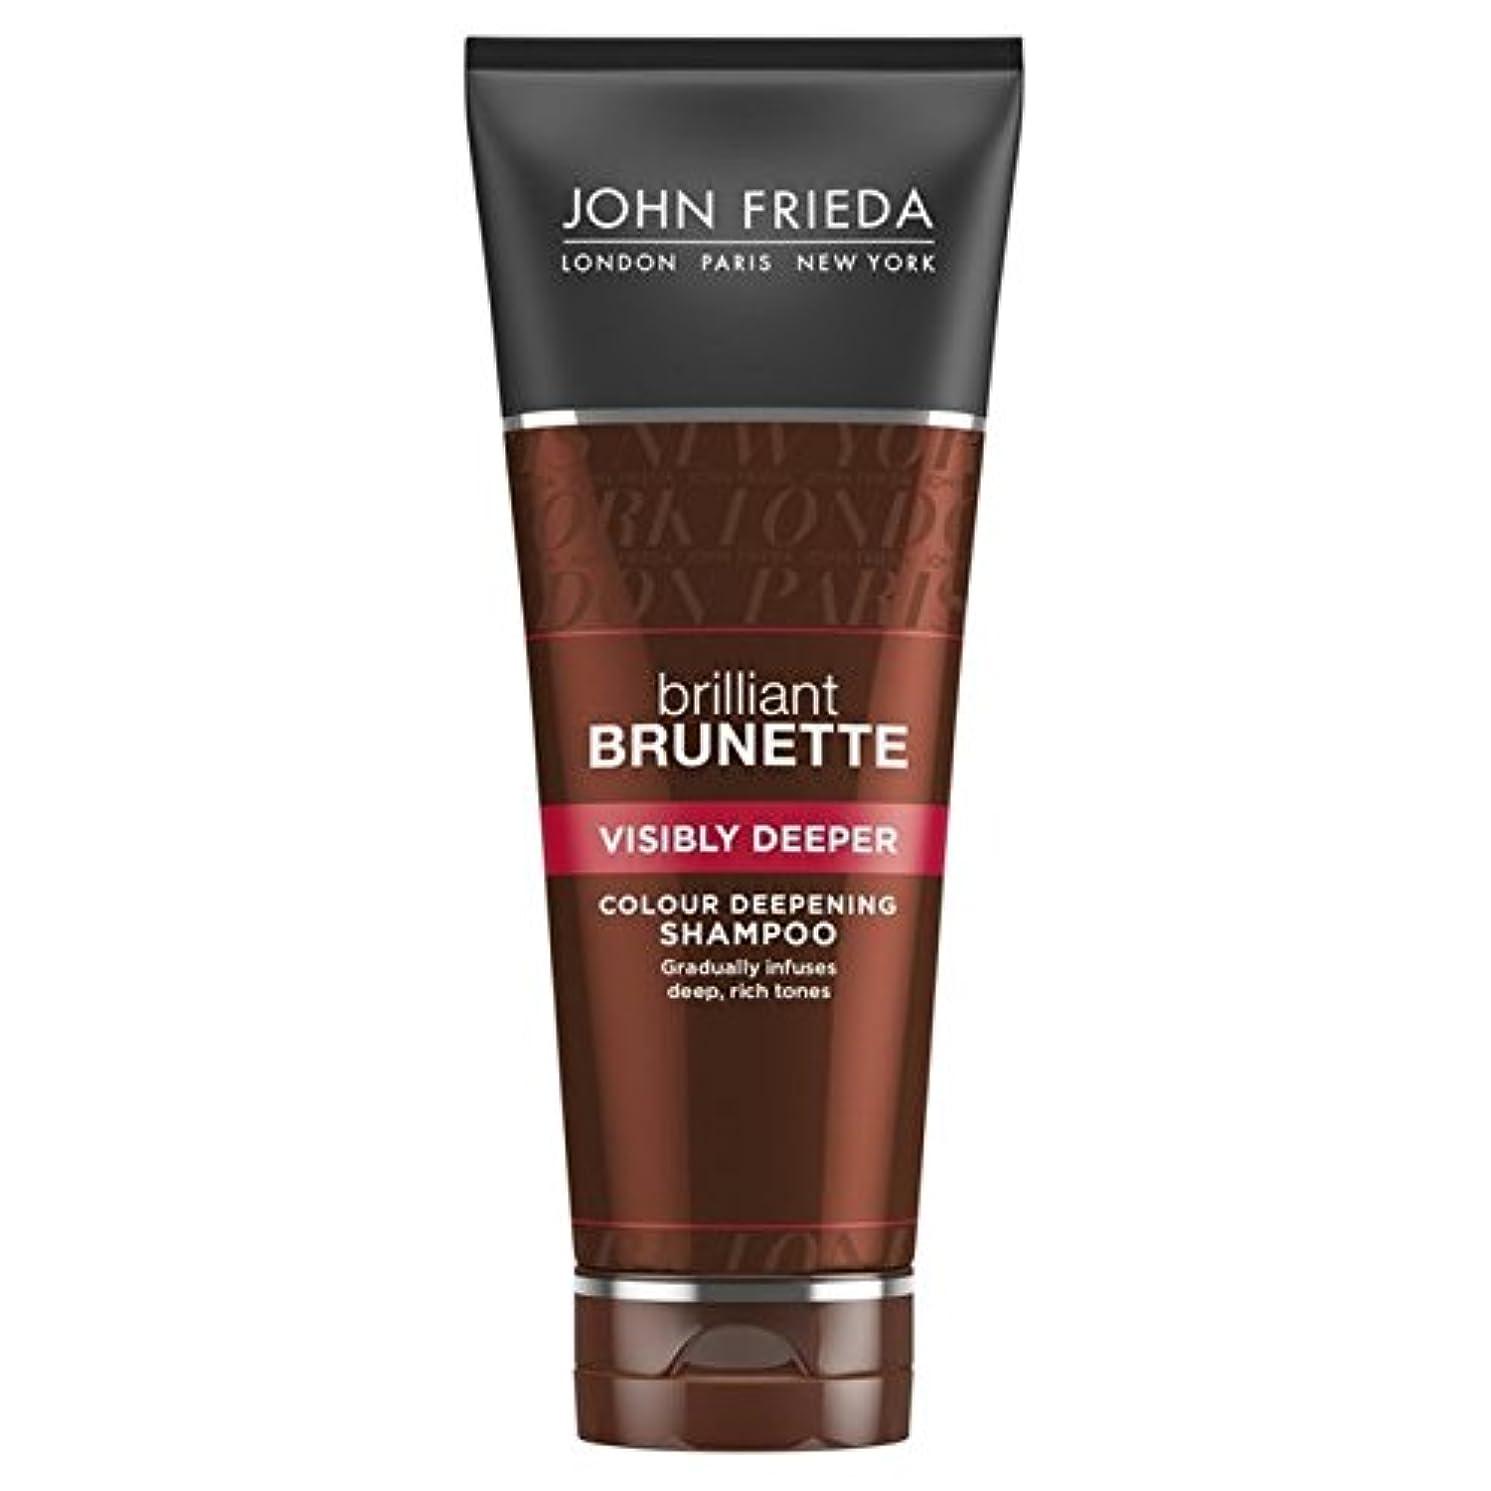 取得する細分化する霜ジョン?フリーダ華麗なブルネット目に見えてより深いシャンプー250 x2 - John Frieda Brilliant Brunette Visibly Deeper Shampoo 250ml (Pack of 2) [並行輸入品]